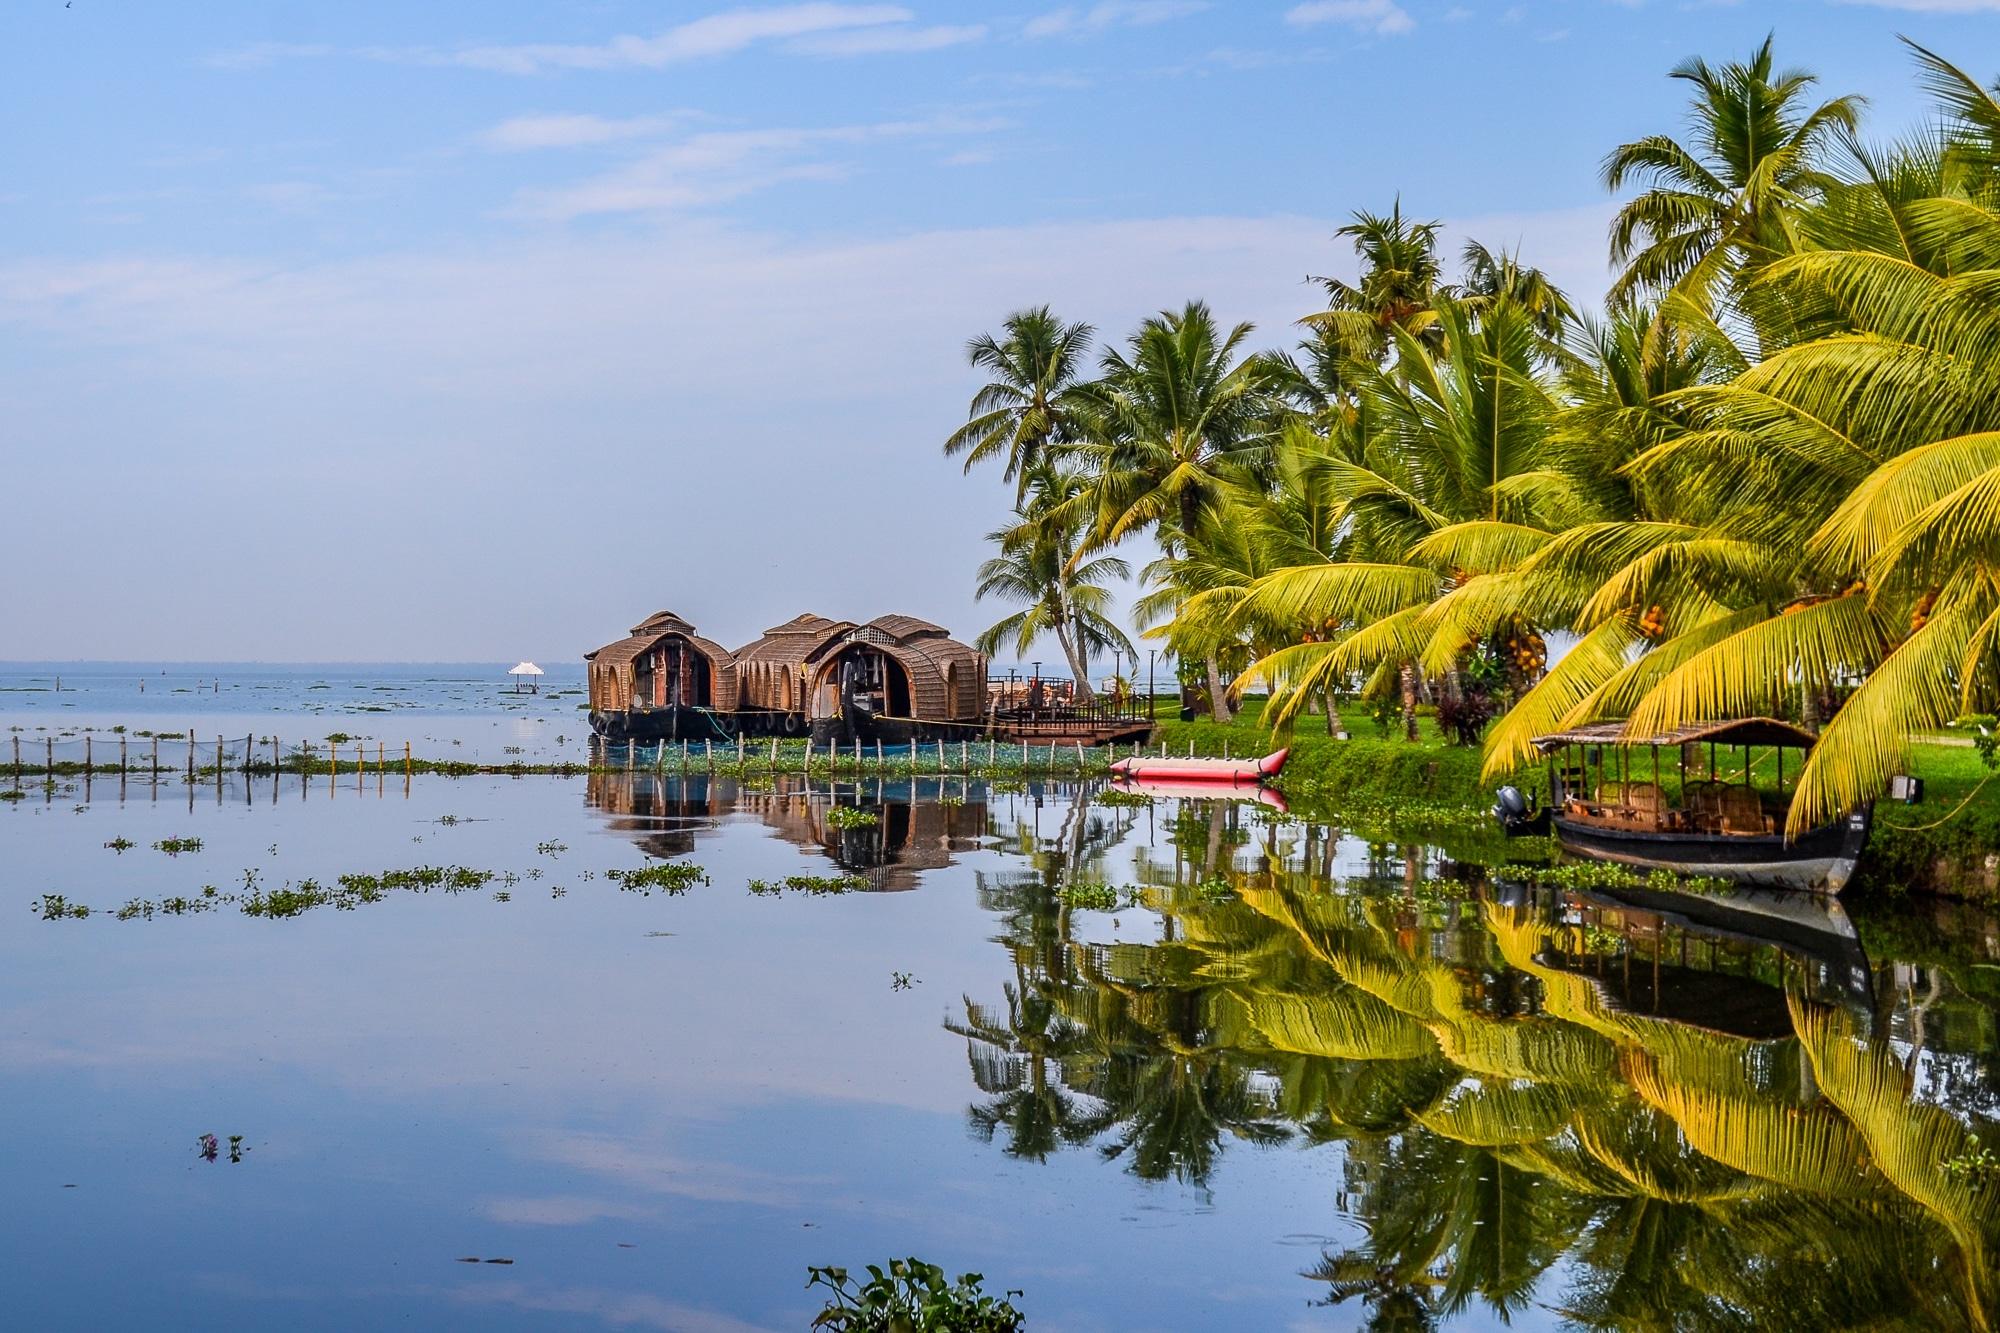 Kerala: Sehenswürdigkeiten, Kultur und Kulinarik im südlichen Indien - Resort